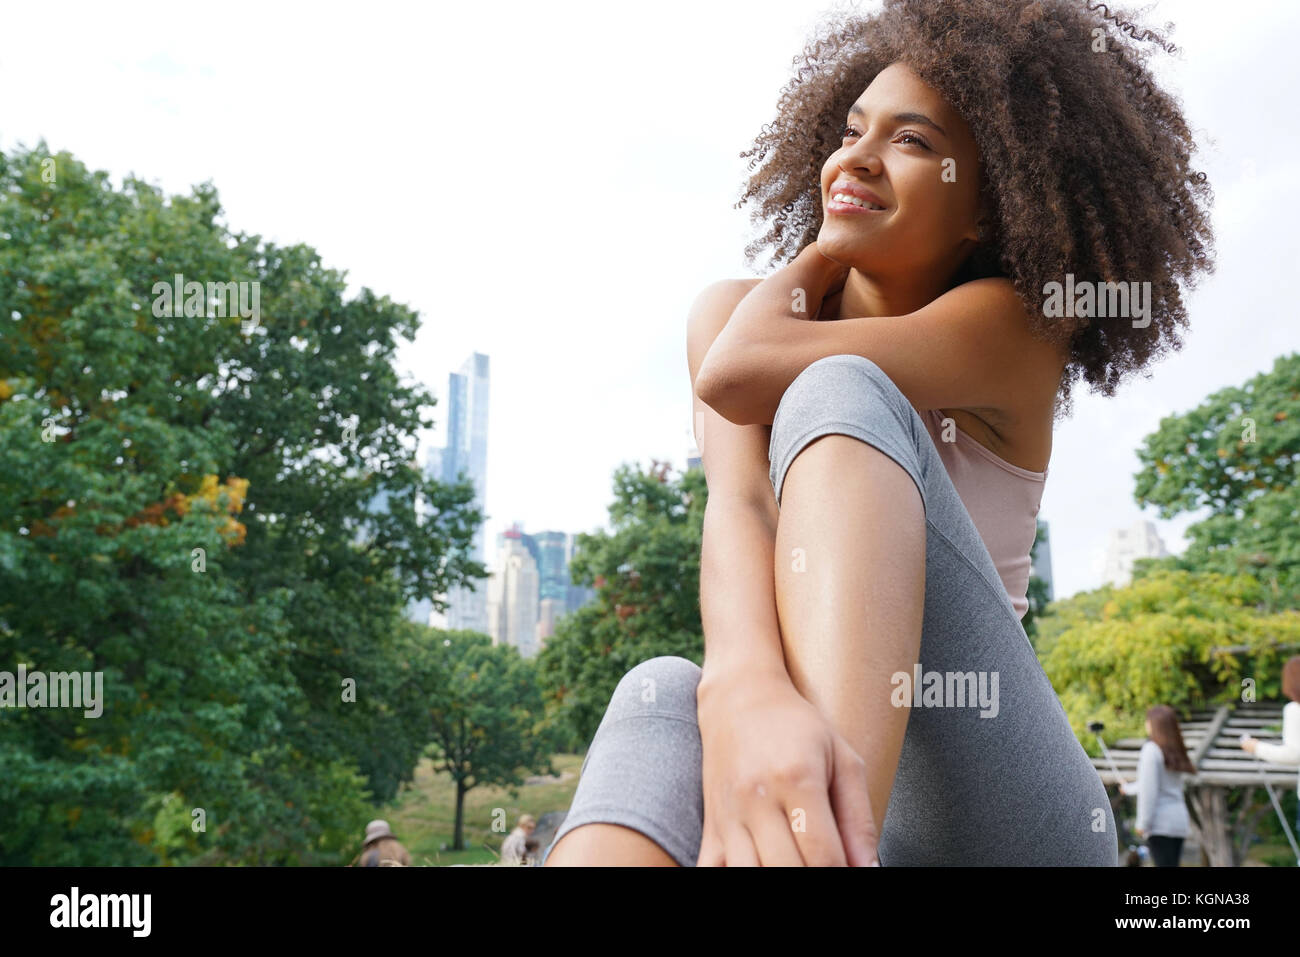 Bella donna facendo esercizi di rilassamento a central park Immagini Stock